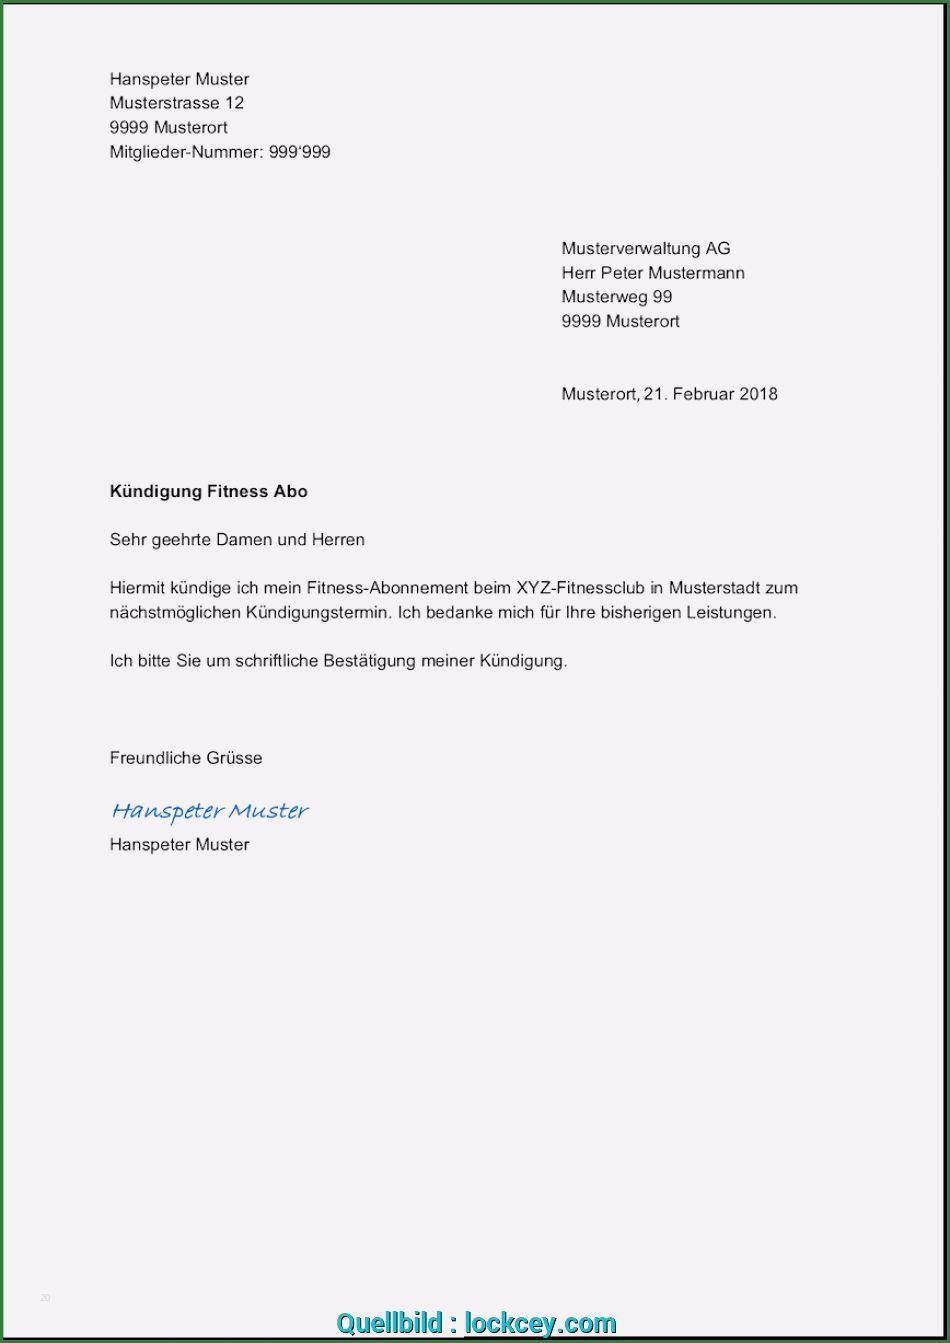 14 Wunderbar Kundigung Krankenkasse Familienversicherung Vorlage In 2020 Vorlagen Word Vorlagen Kundigung